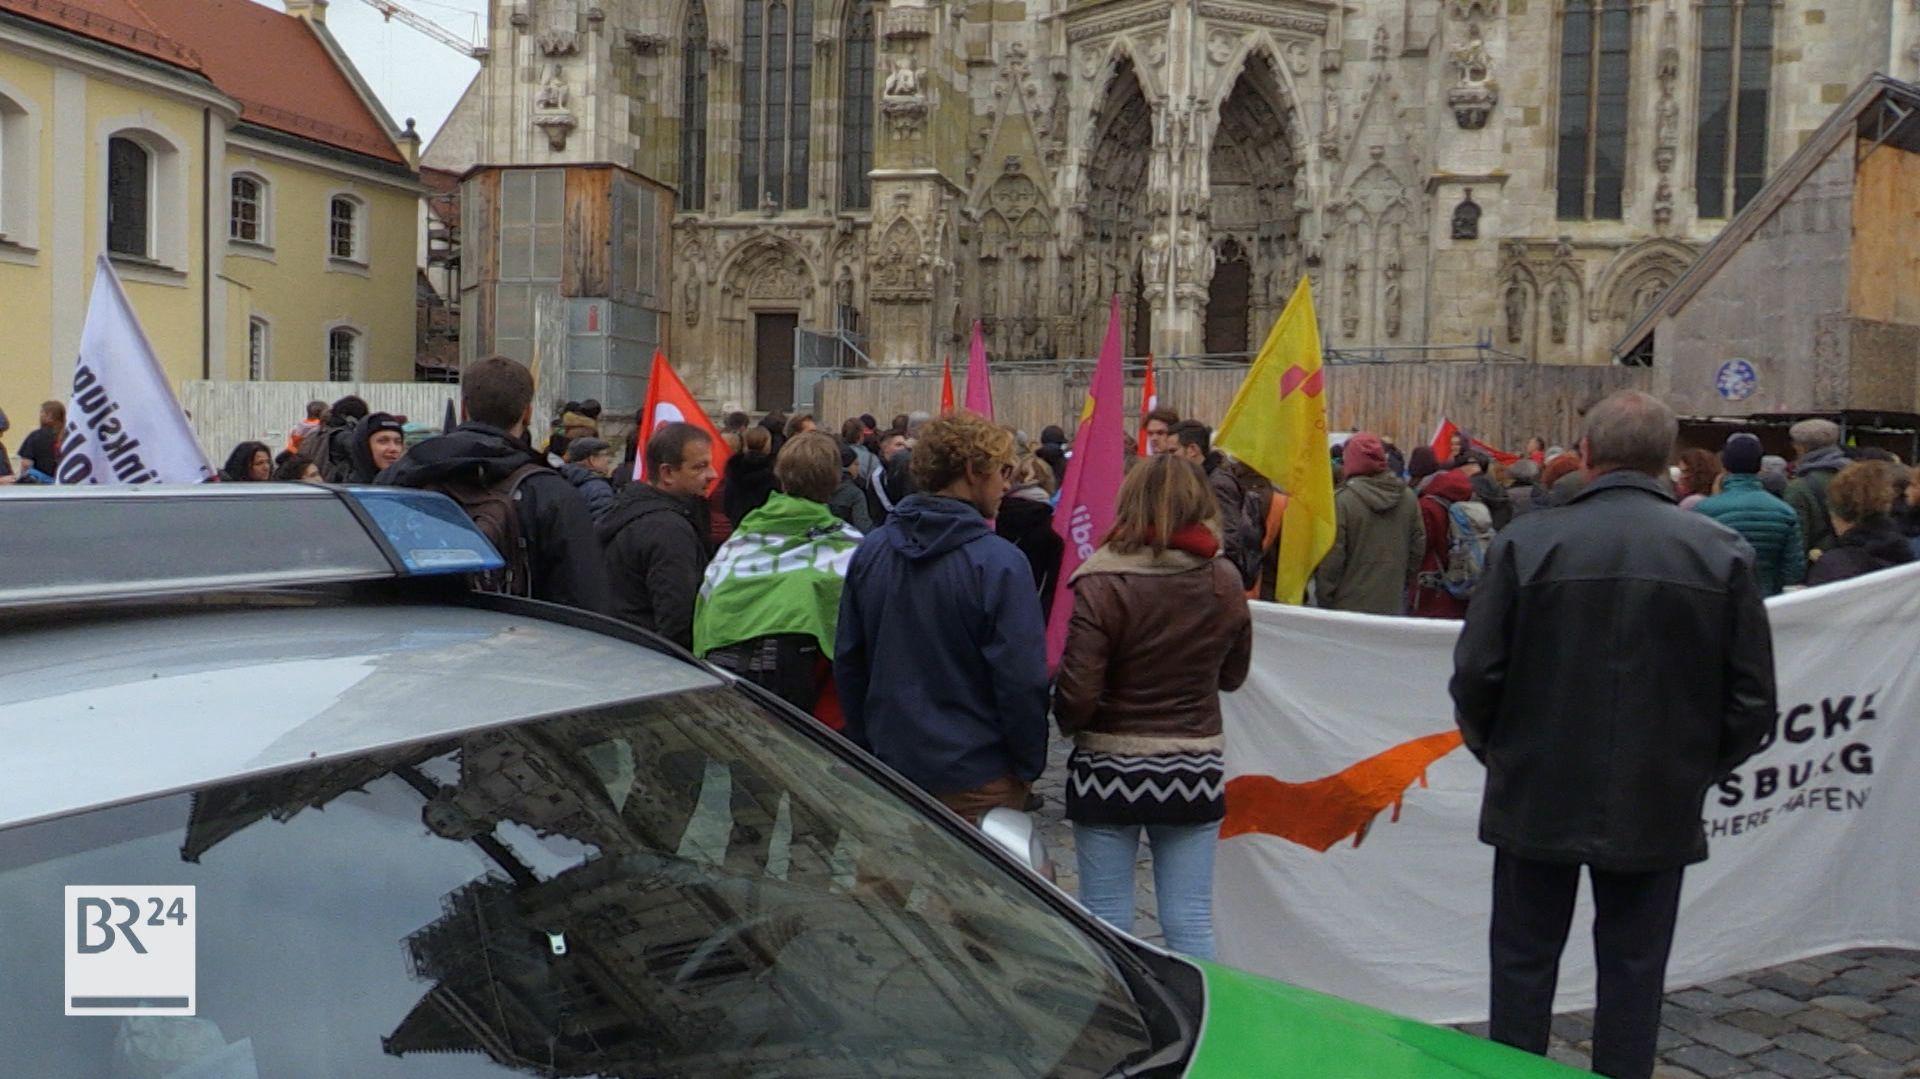 Hunderte Demonstranten versammelten sich vor dem Regensburger Dom.